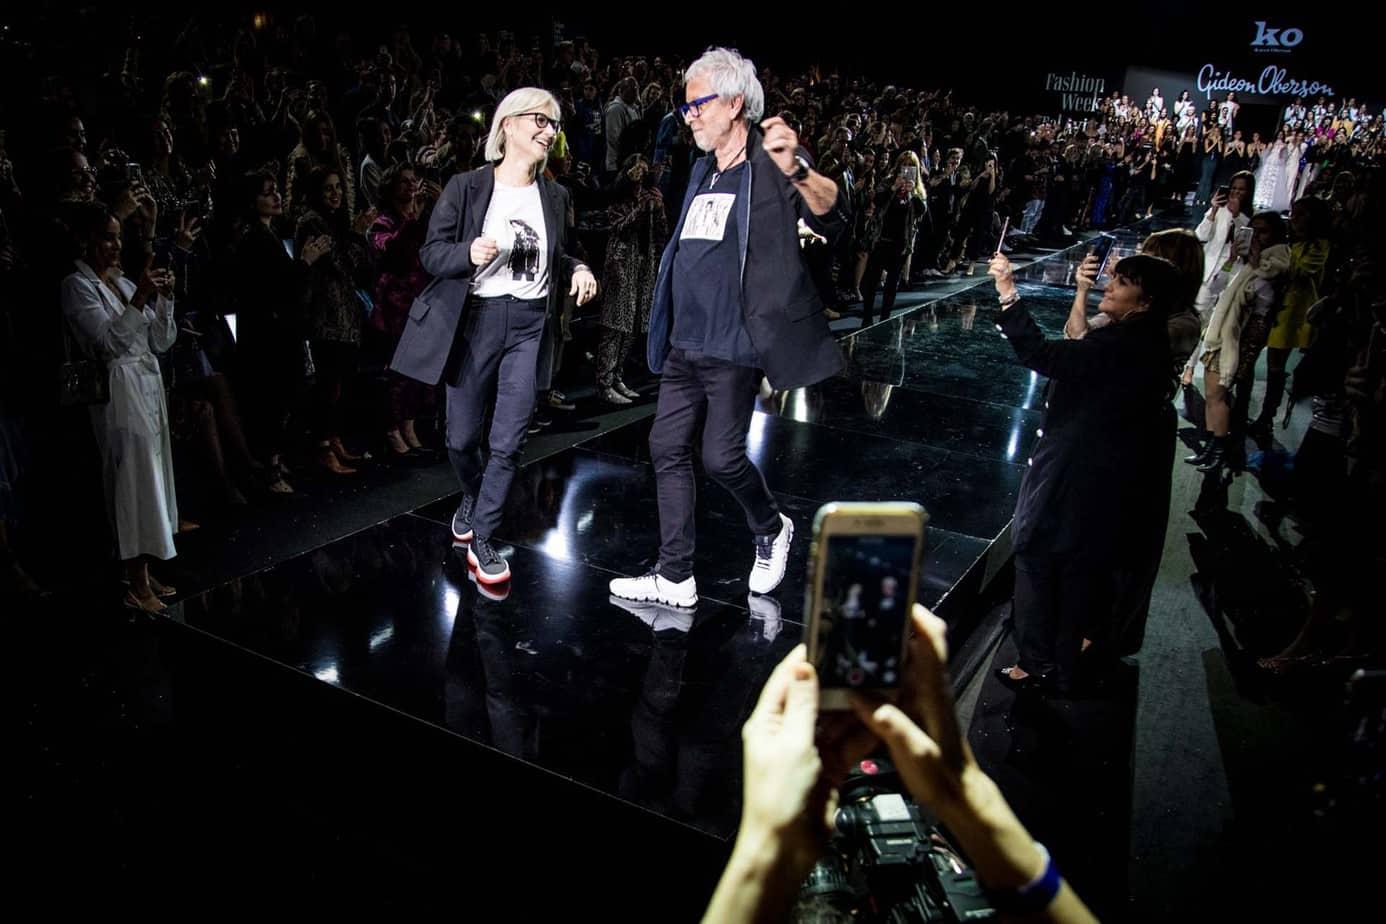 גדעון אוברזון, שבוע האופנה תל אביב 2019, צילום אלכס פרגמנט - 28